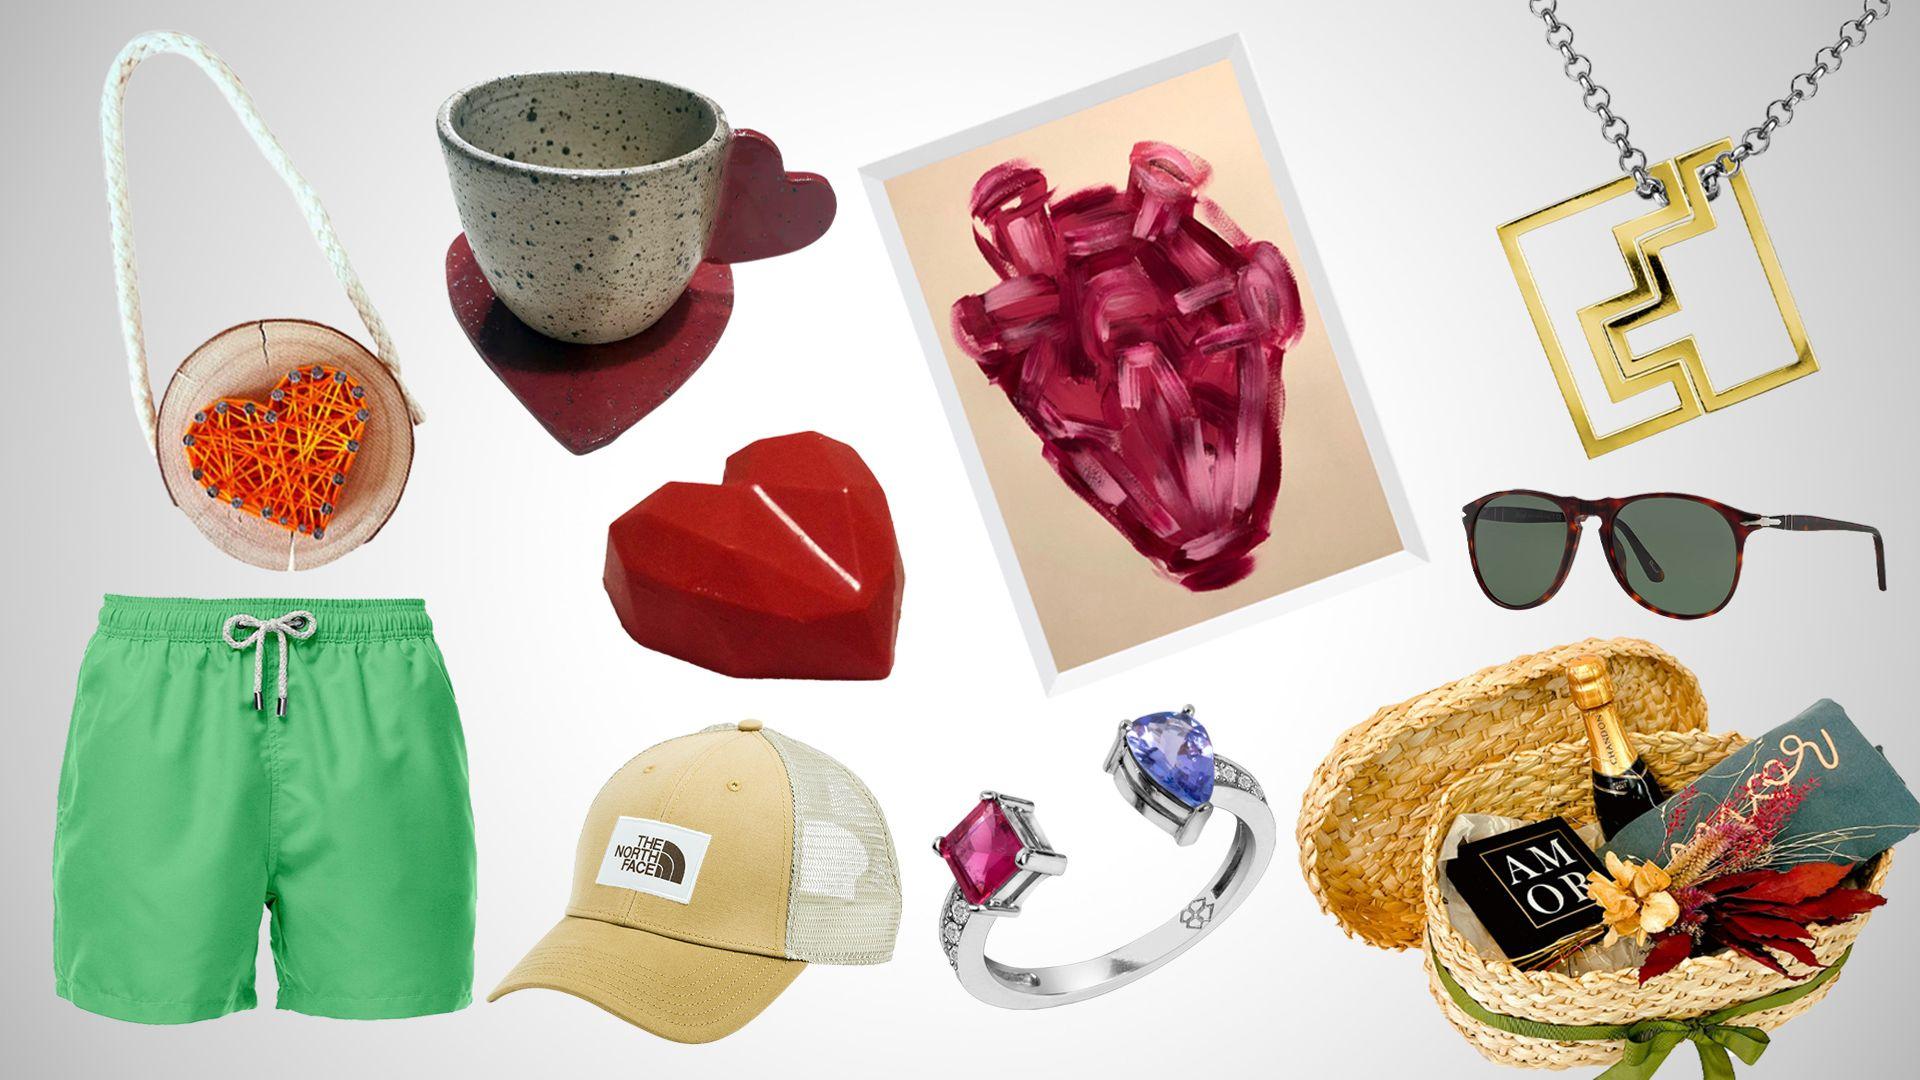 Uma seleção de presentes para você fazer bonito no próximo dia 12 de junho e celebrar o amor